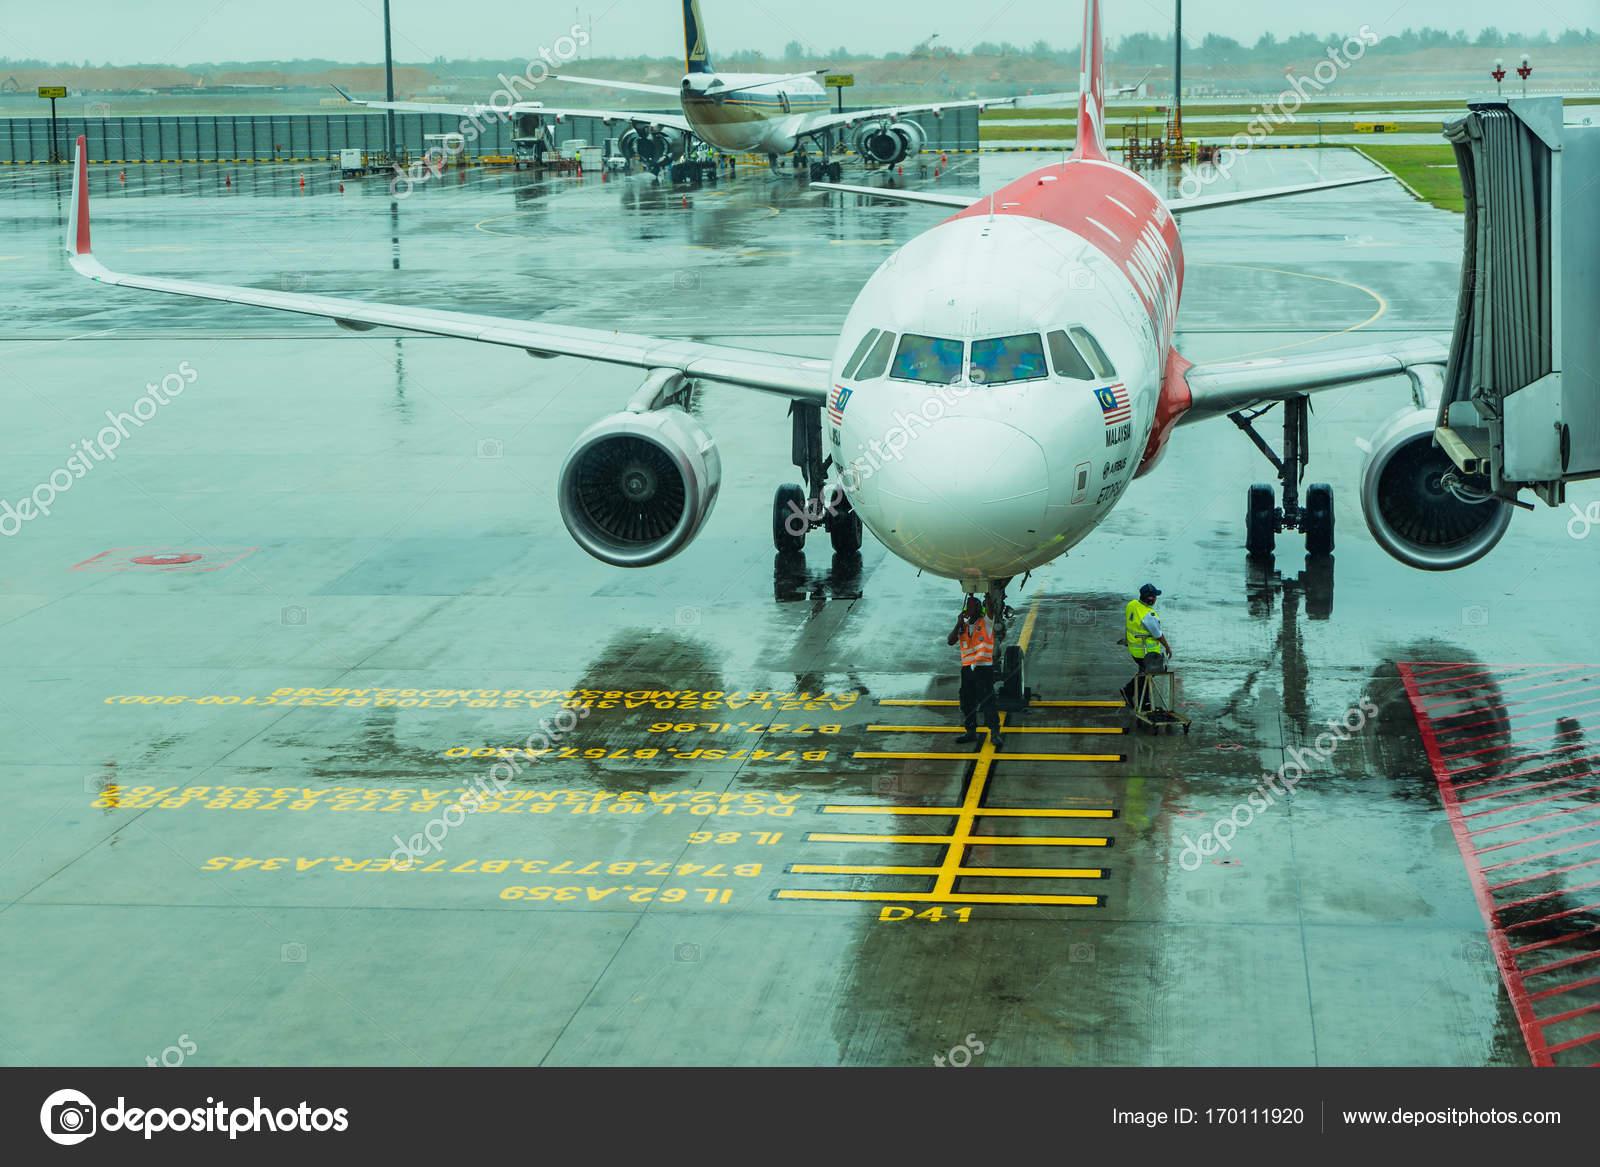 チャンギ国際空港の飛行機に接続されている搭乗の乗客のジェットウェイ–  ストック編集用写真